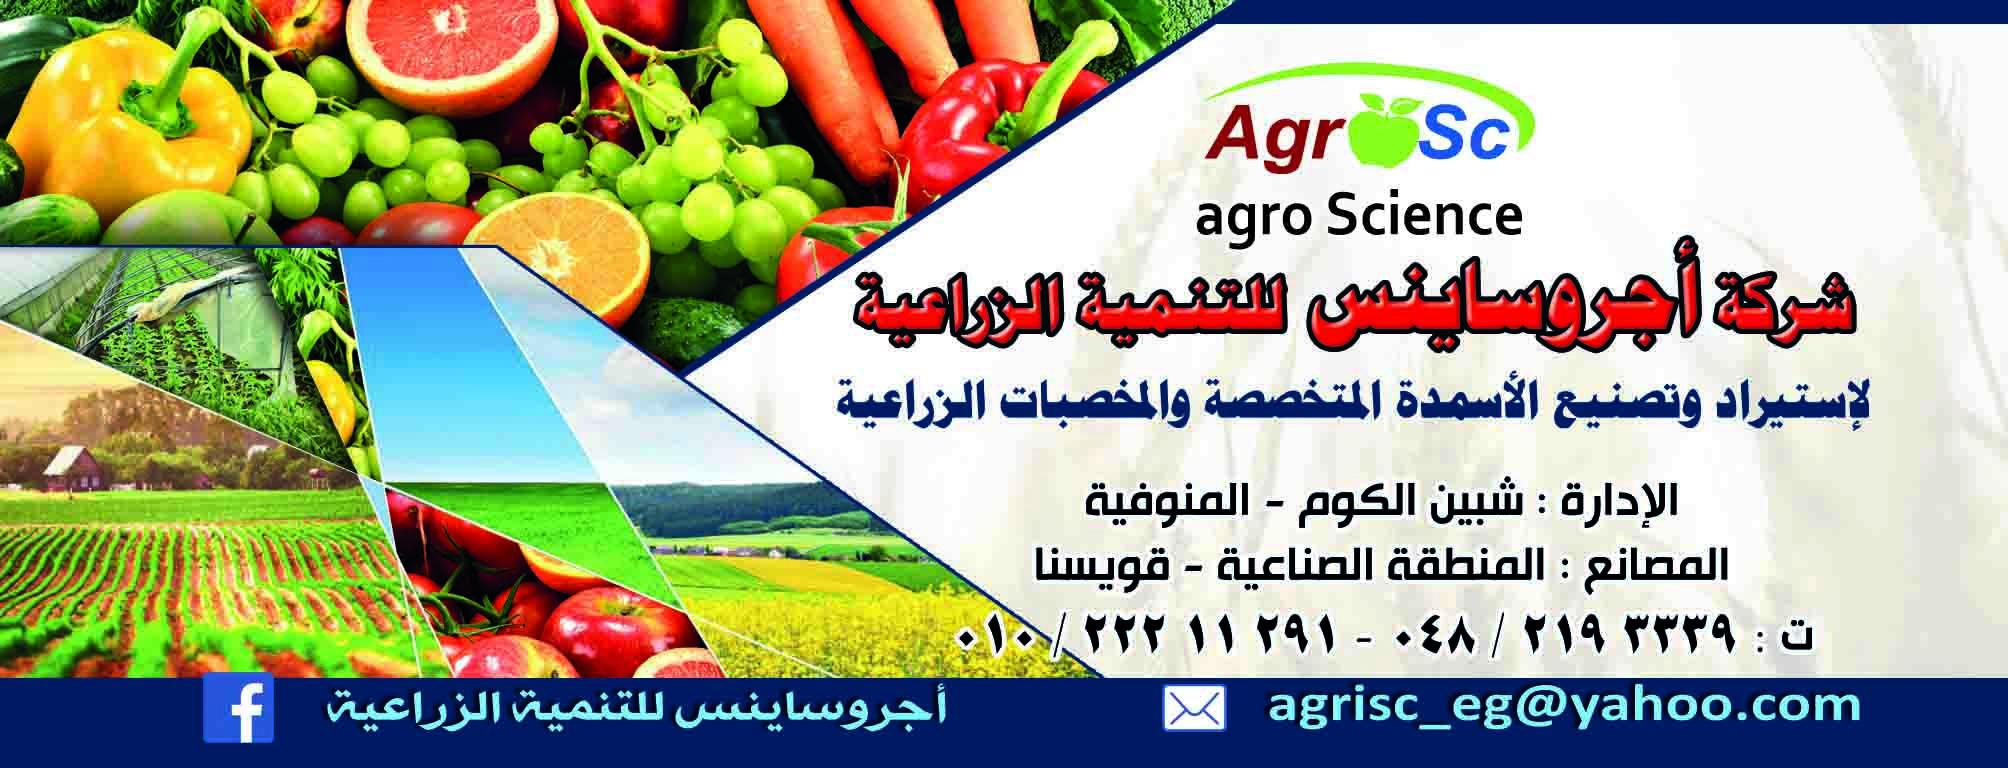 شركات اسمدة زراعية Watermelon Fruit Food